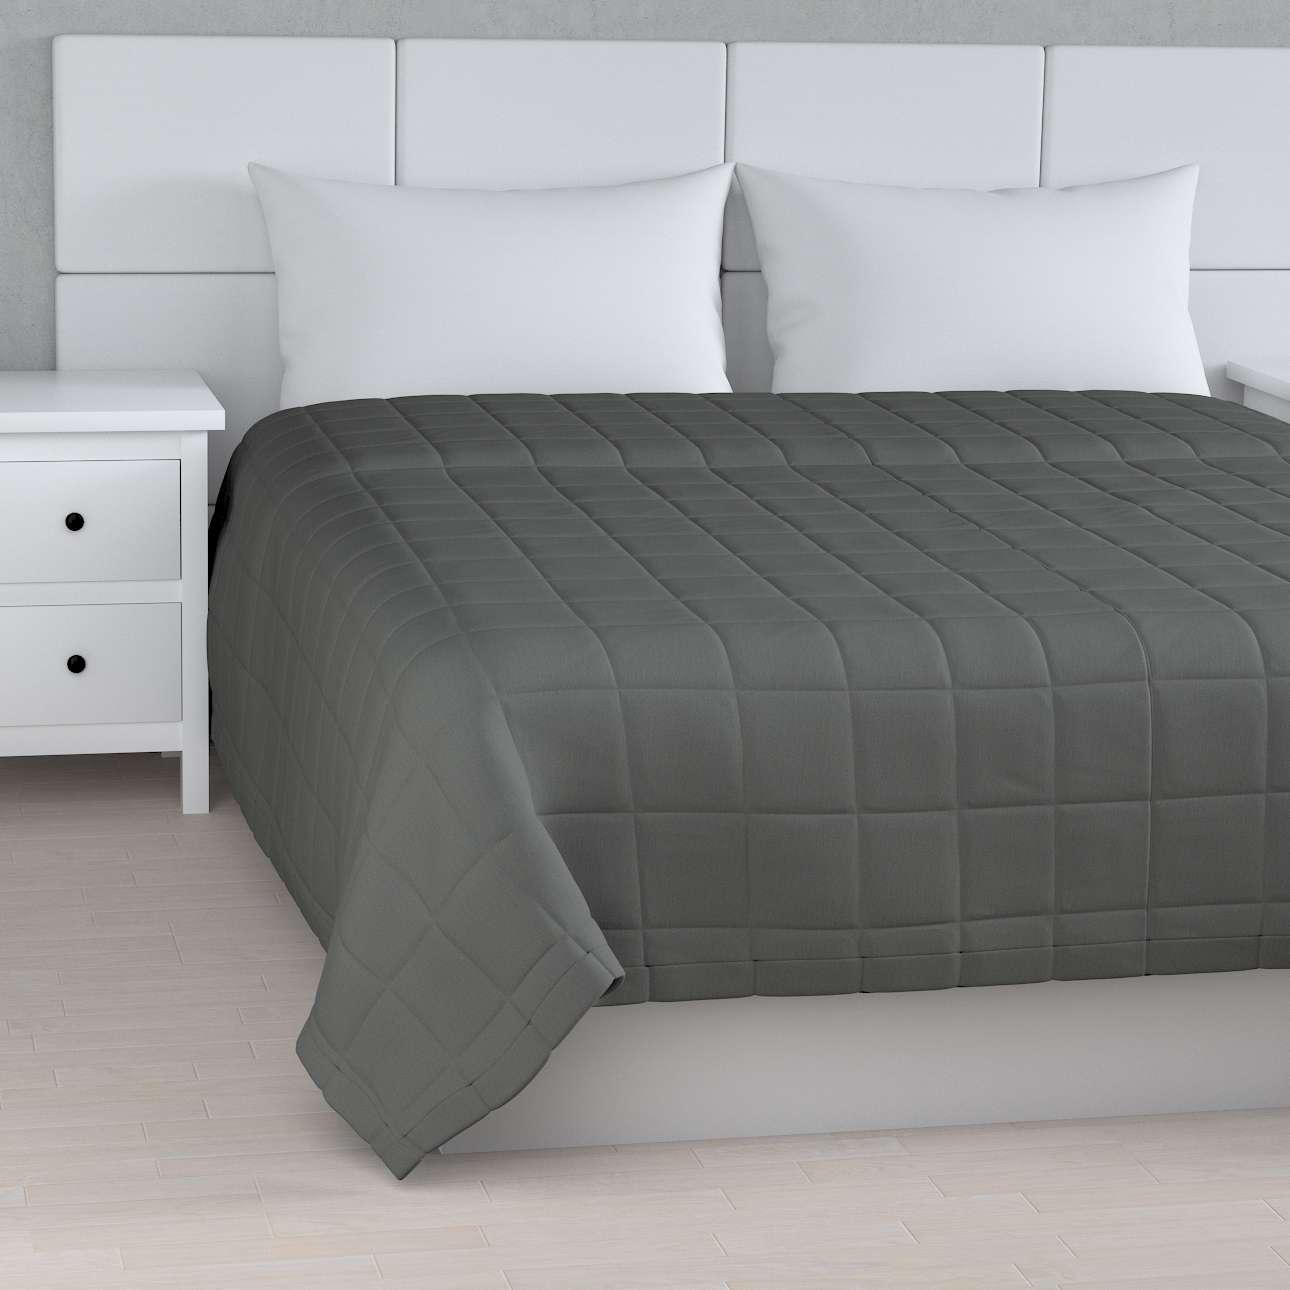 Tagesdecke mit Karosteppung, grau, 260 × 210 cm, Quadro | Heimtextilien > Decken und Kissen > Tagesdecken und Bettüberwürfe | Dekoria